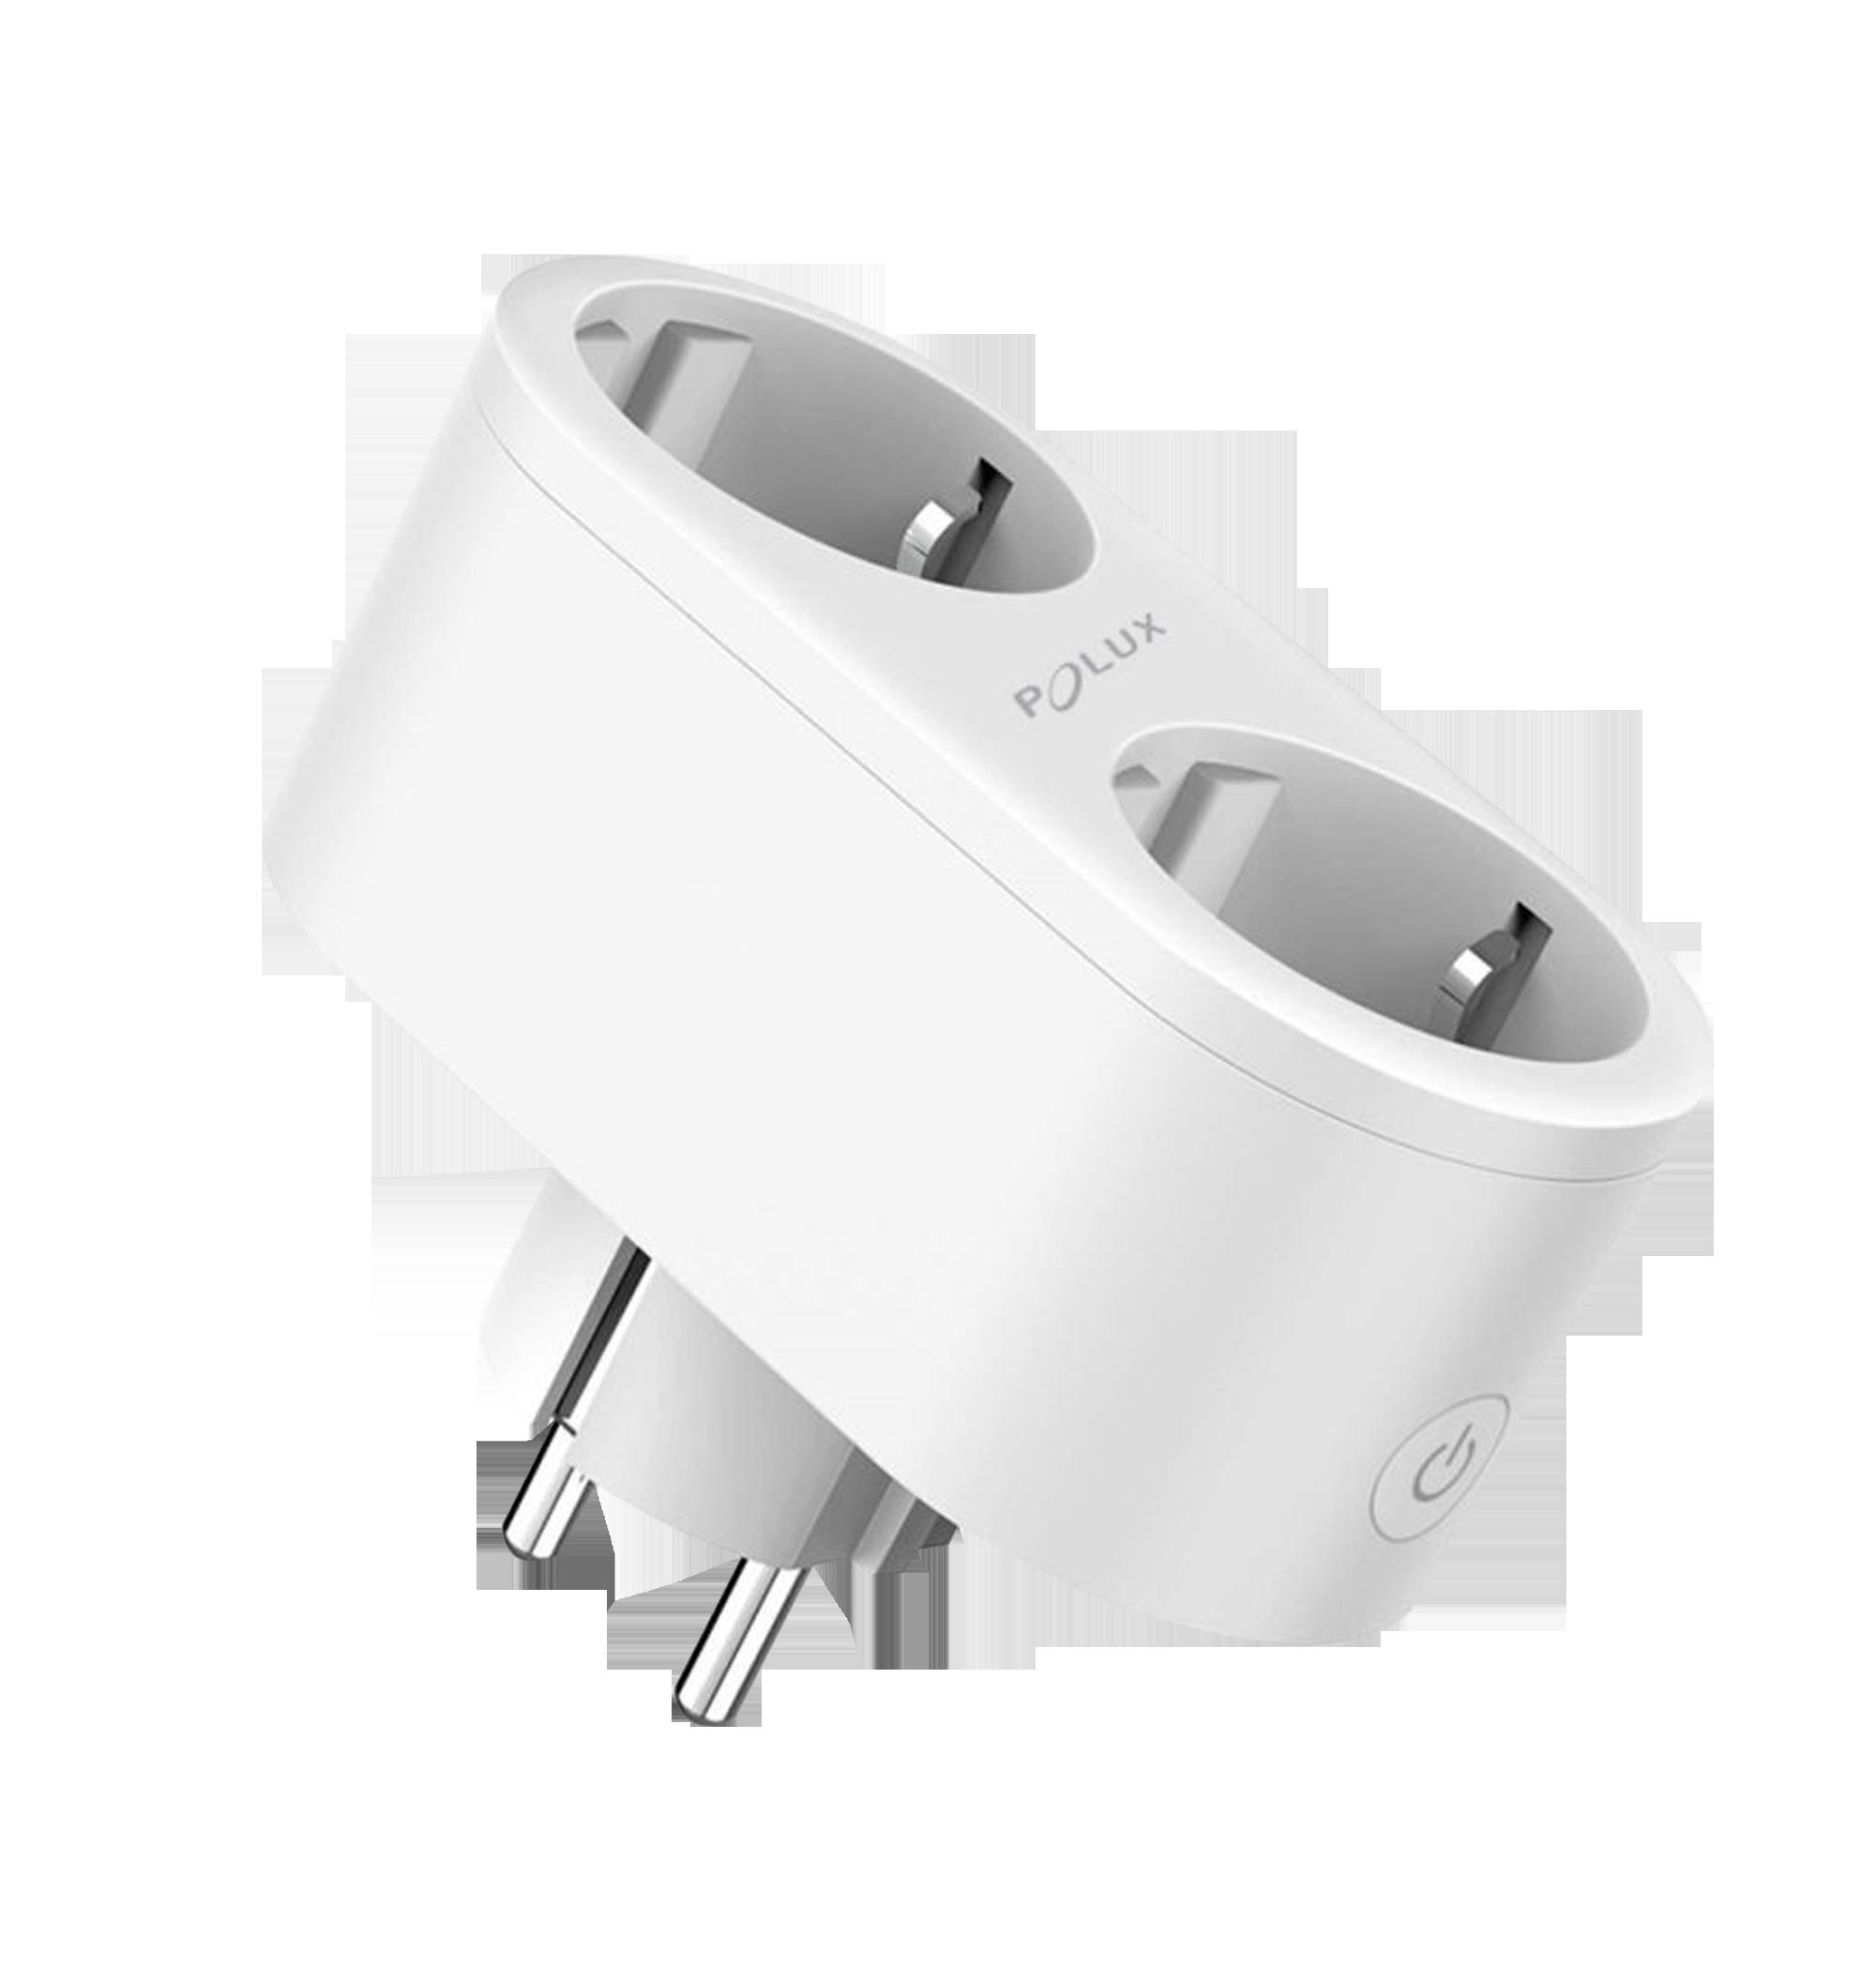 POLUX Chytrá dvojitá zásuvka SMART 3680W/230V/16A Wi-Fi Tuya